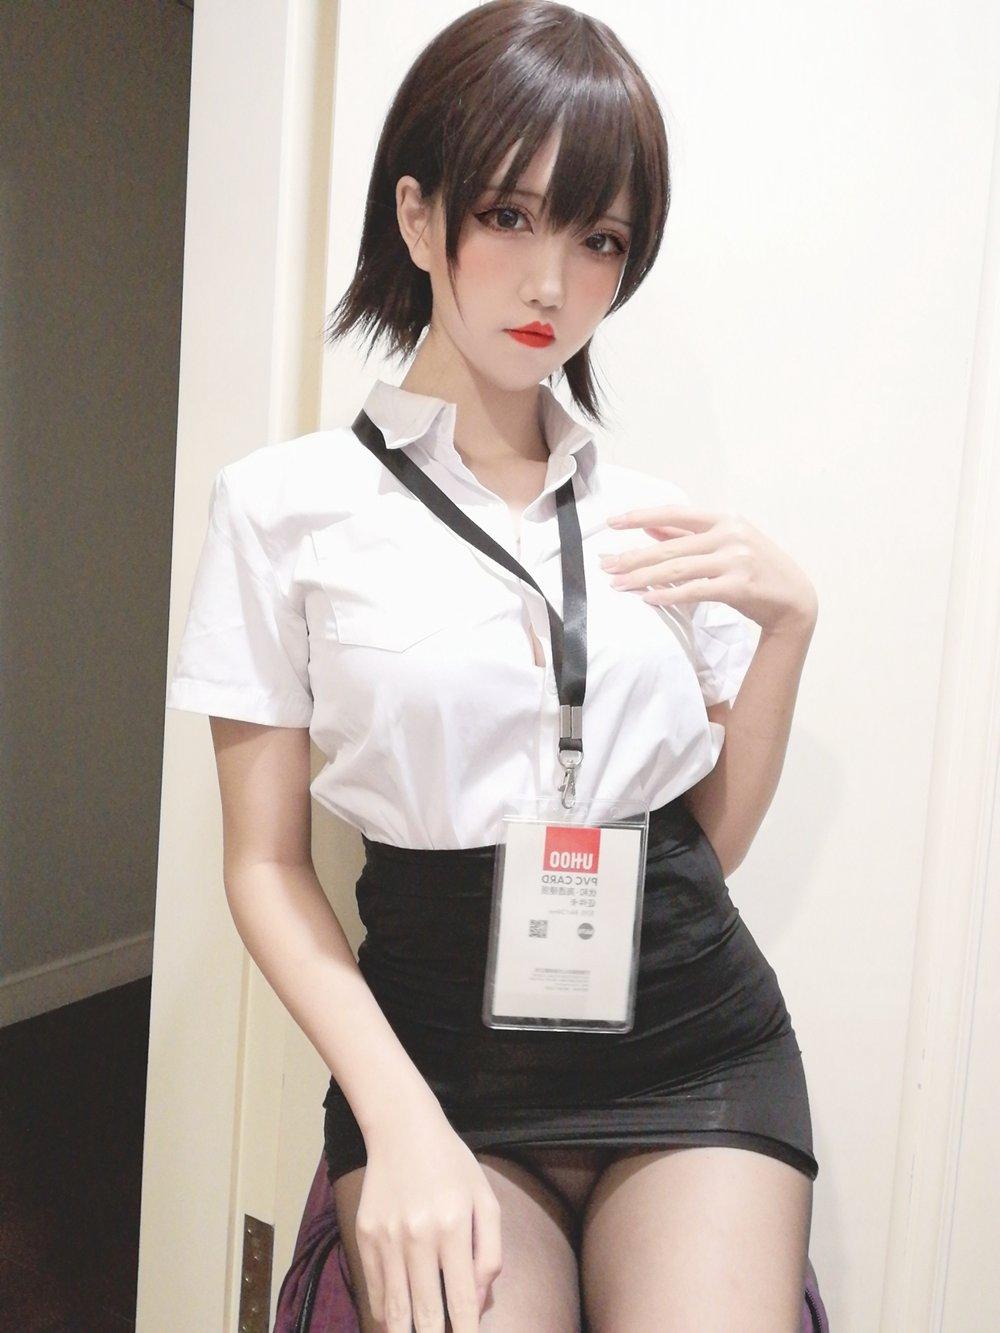 微博人气Coser@阿薰kaOri – 黑丝OL [45P] -第1张